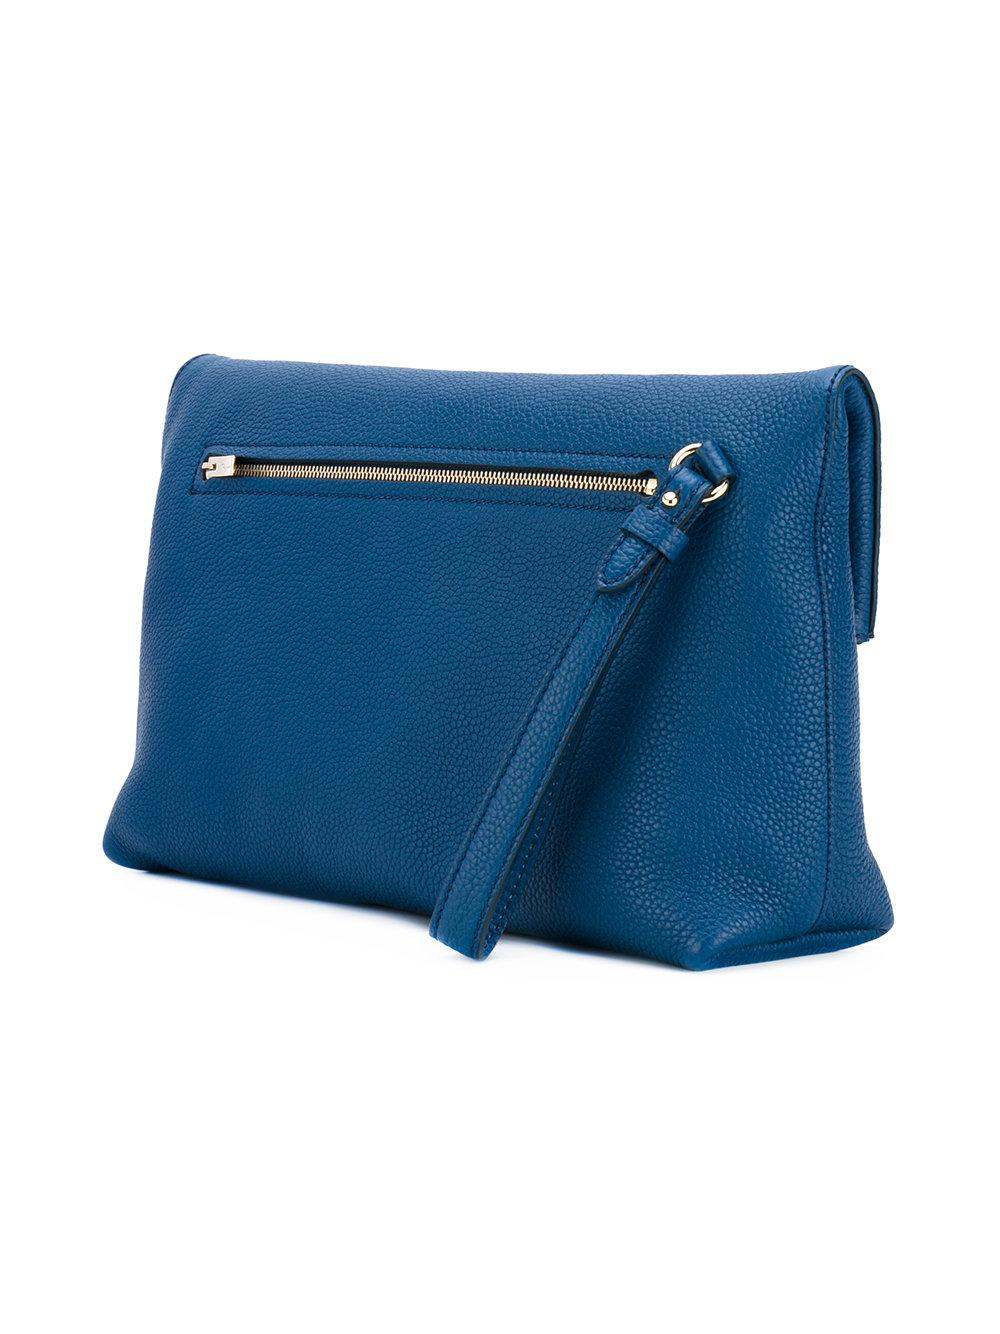 7ef4b25bbdb4 Lyst - Ferragamo Gancio Clutch Bag in Blue